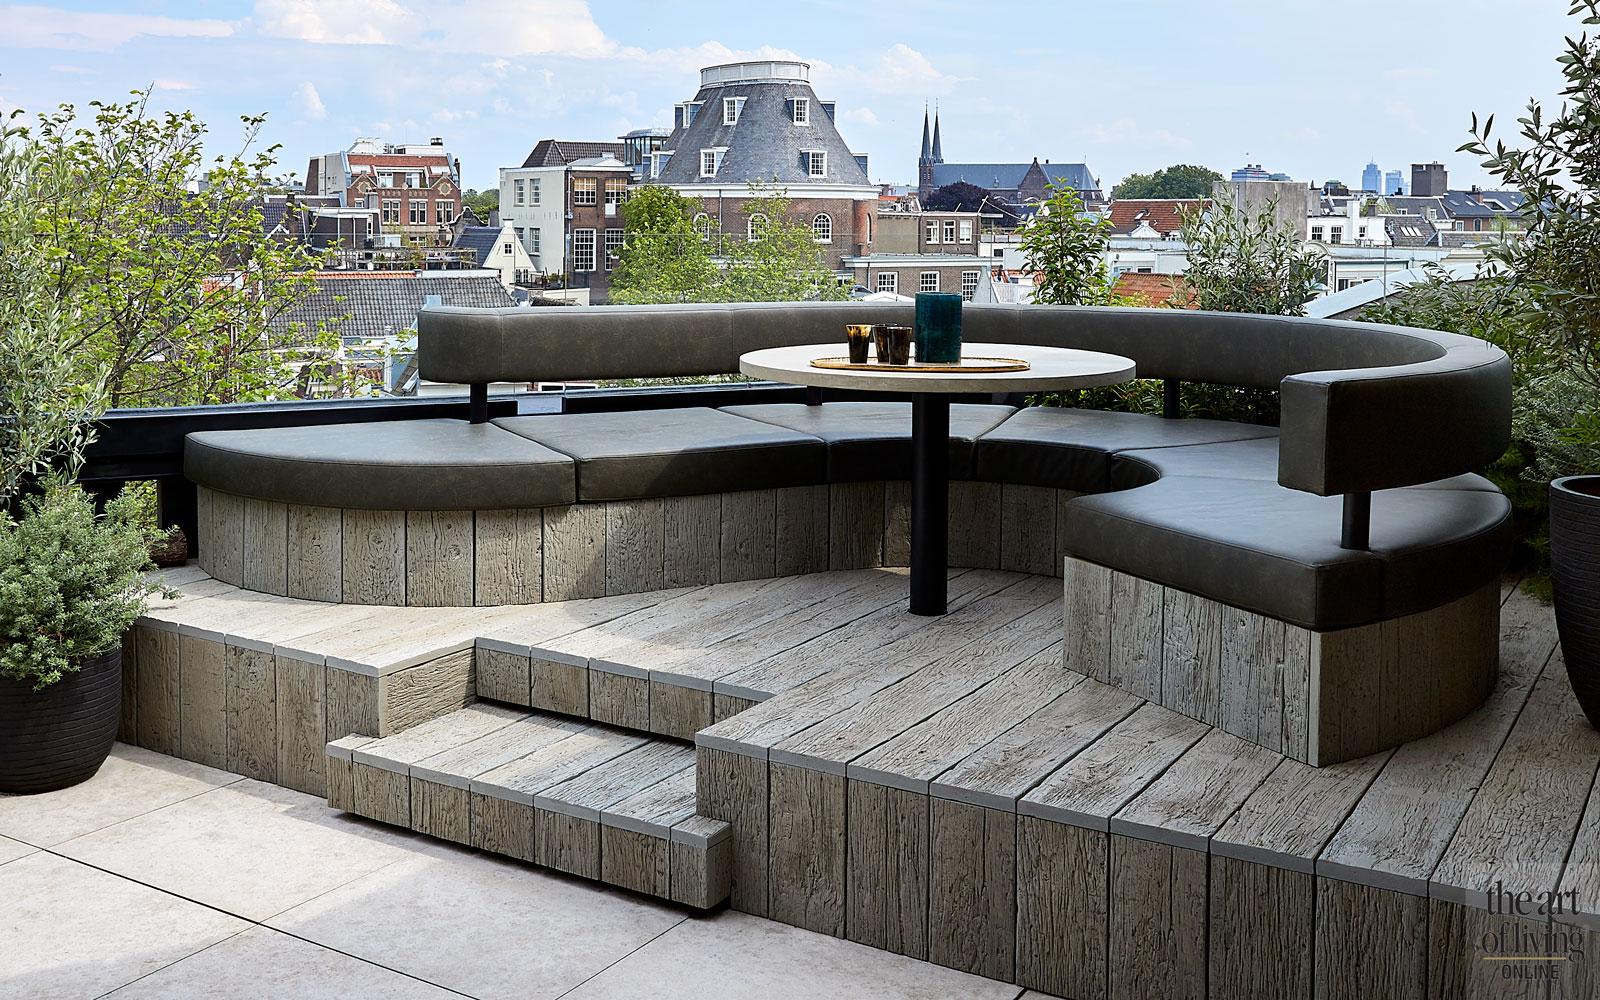 Loungebank, relaxen, genieten, uitzicht, terras, Amsterdam, penthouse, Osiris Hertman